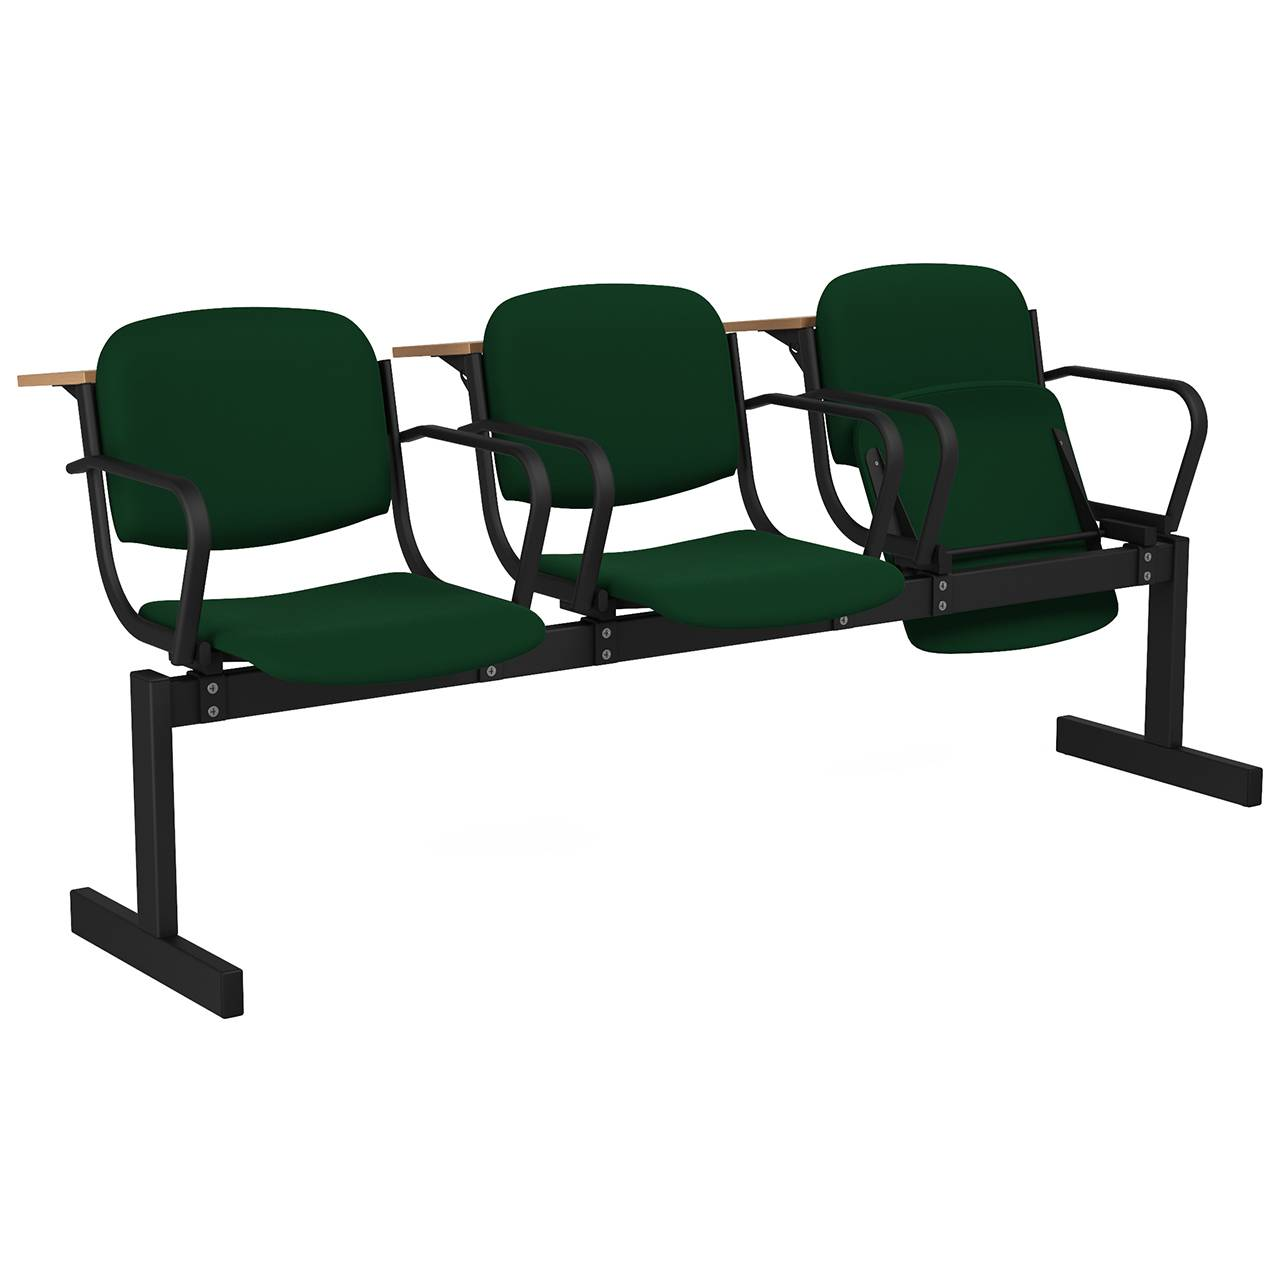 3-местный, откидывающиеся сиденья, мягкий, подлокотники, лекционный черный зеленый Флок